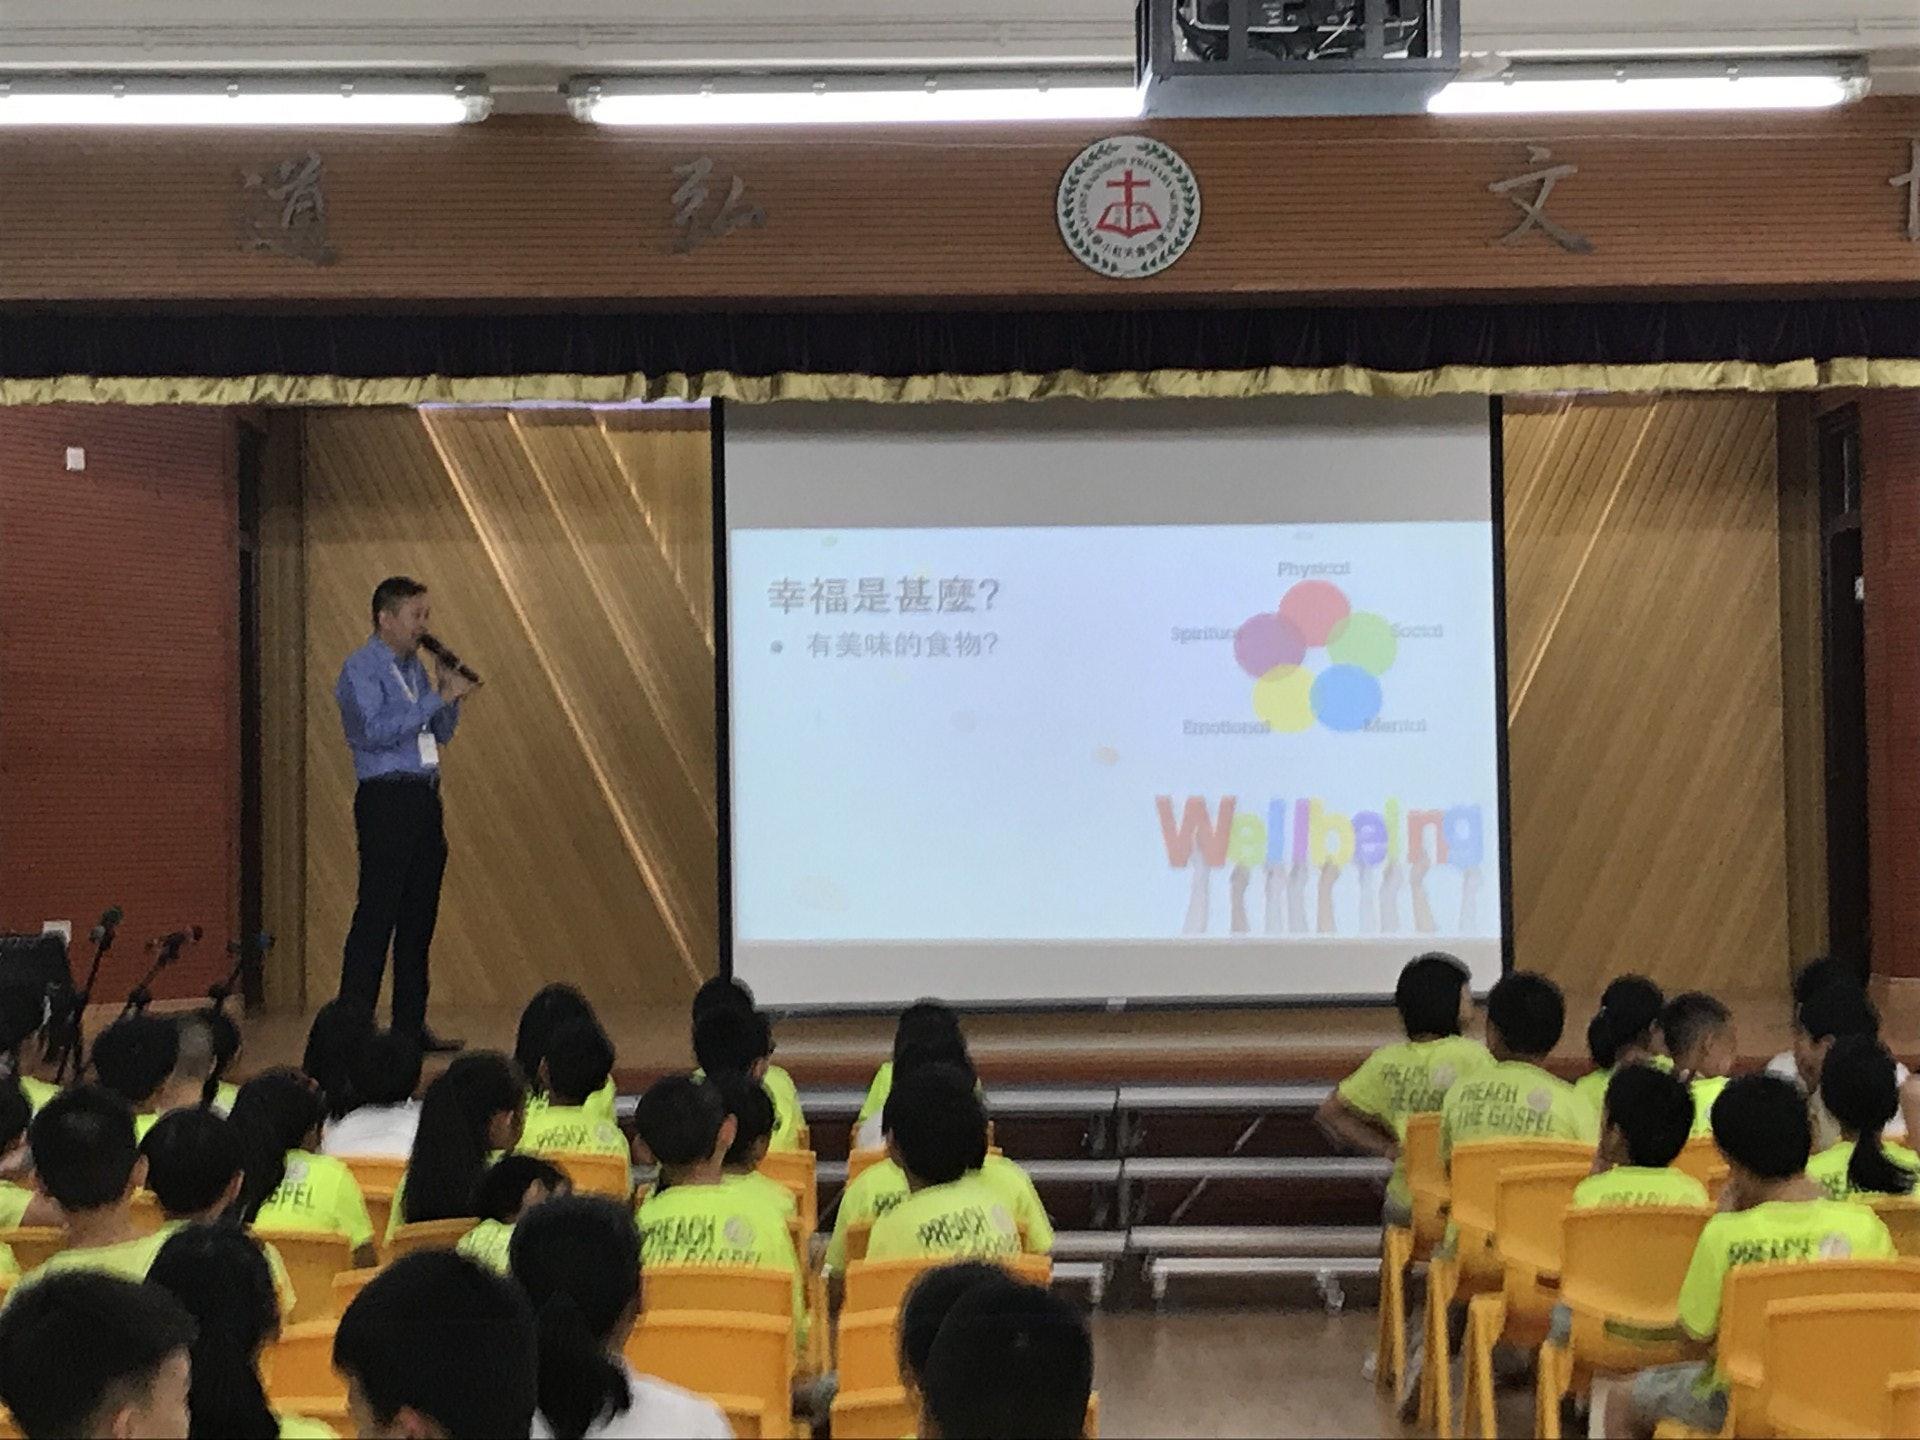 在開學禮期間,馮耀章以「幸福」為主題,給學生說故事。(鄺曉斌攝)